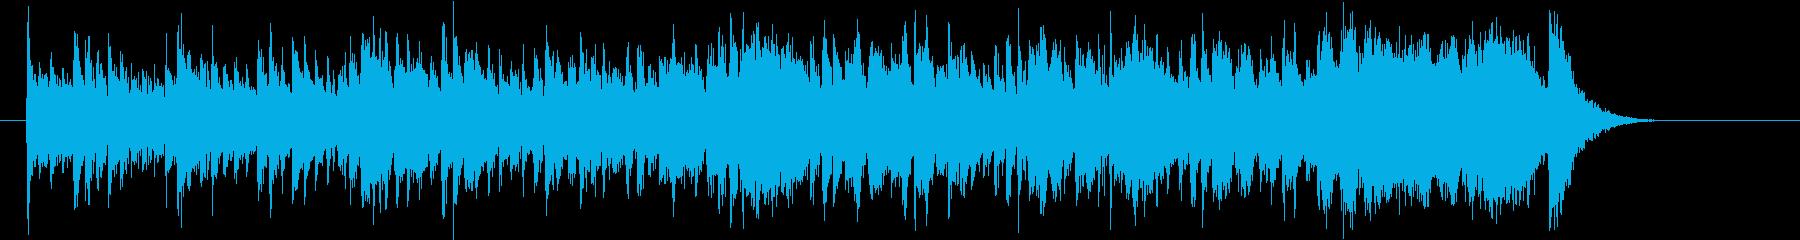 ゆったりとした明るい音楽の再生済みの波形